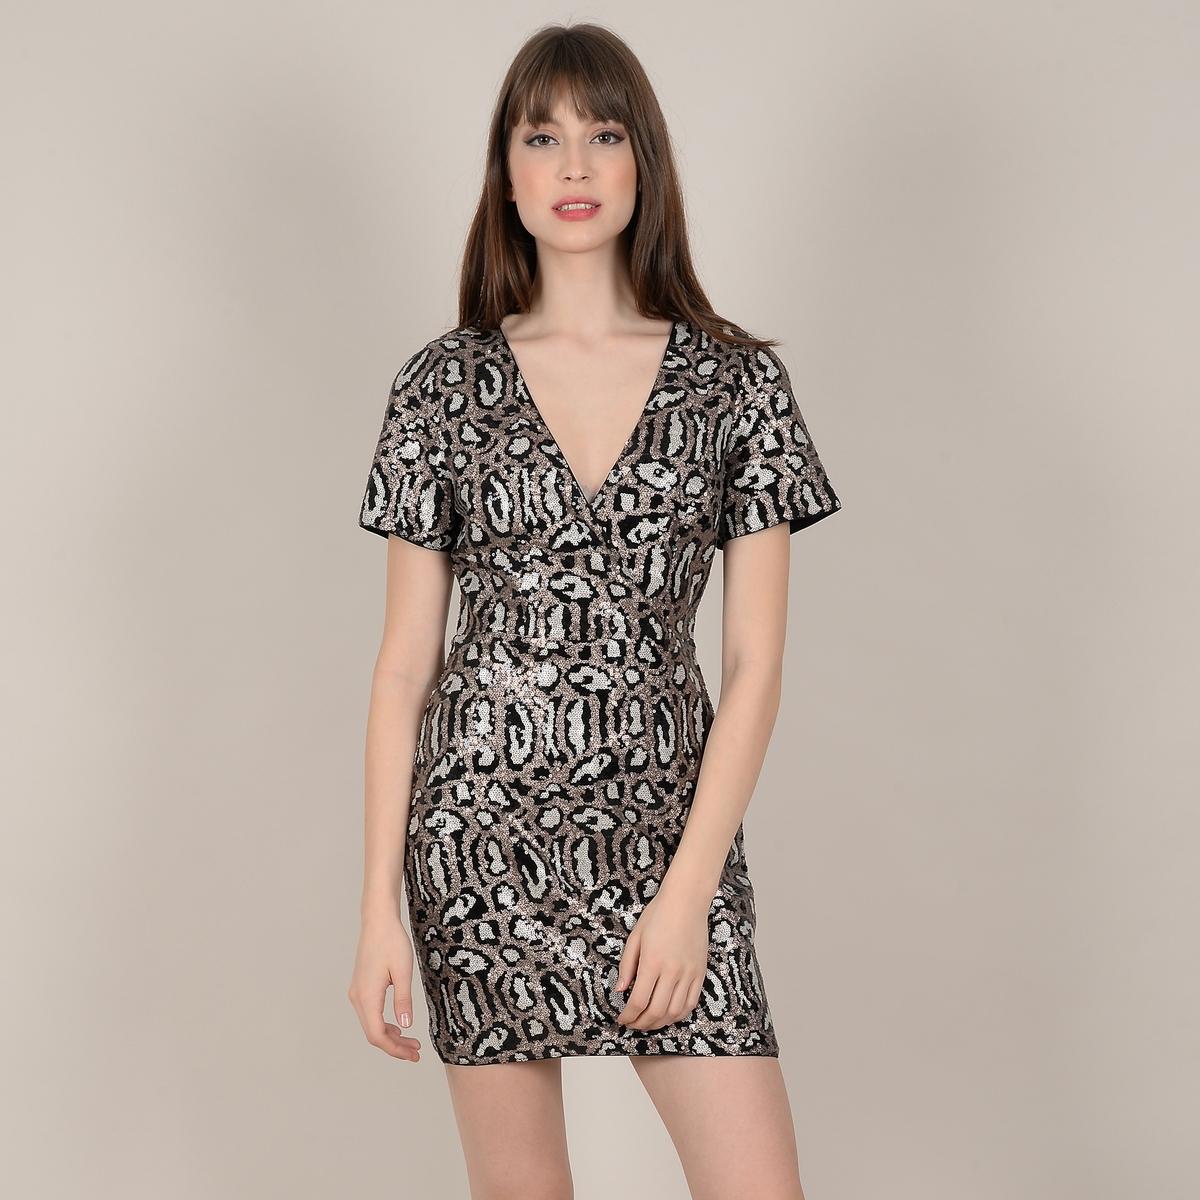 Платье La Redoute С анималистичным рисунком с блестками V-образным вырезом и короткими рукавами XS желтый платье la redoute с рисунком пальмы v образным вырезом и короткими рукавами xs бежевый